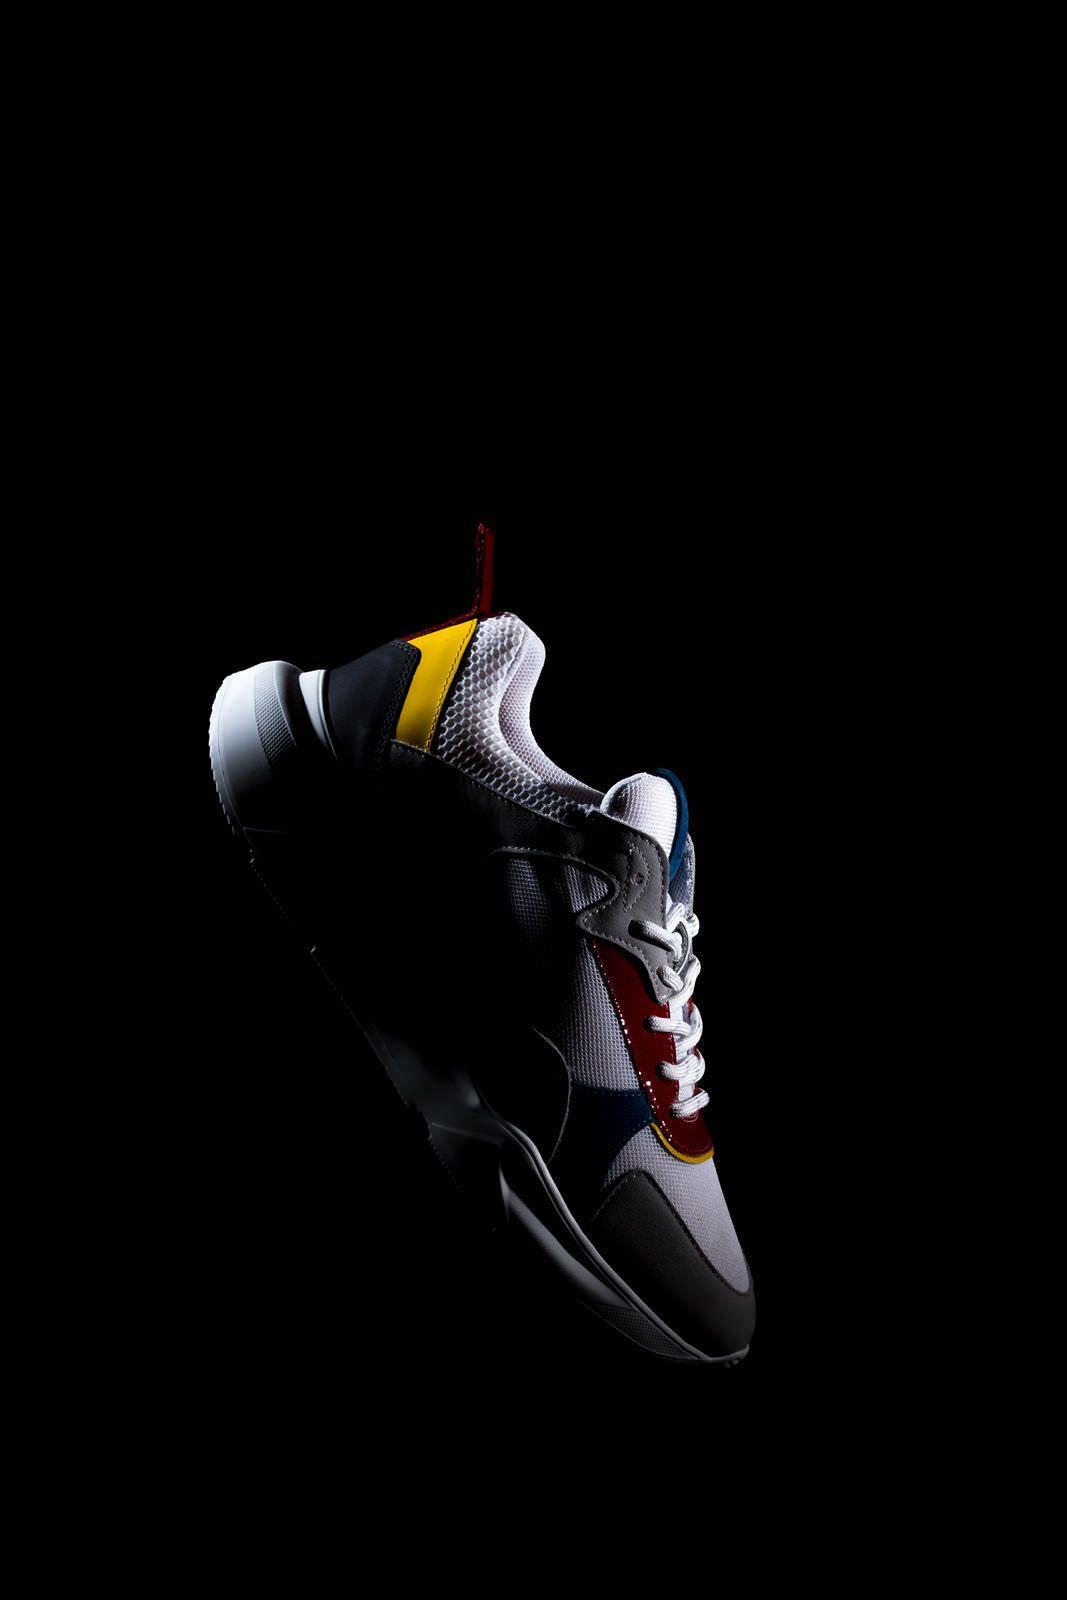 Fotógrafo de calçado, sapatos e malas. Fotografo de moda e produto para ecommerce shoes